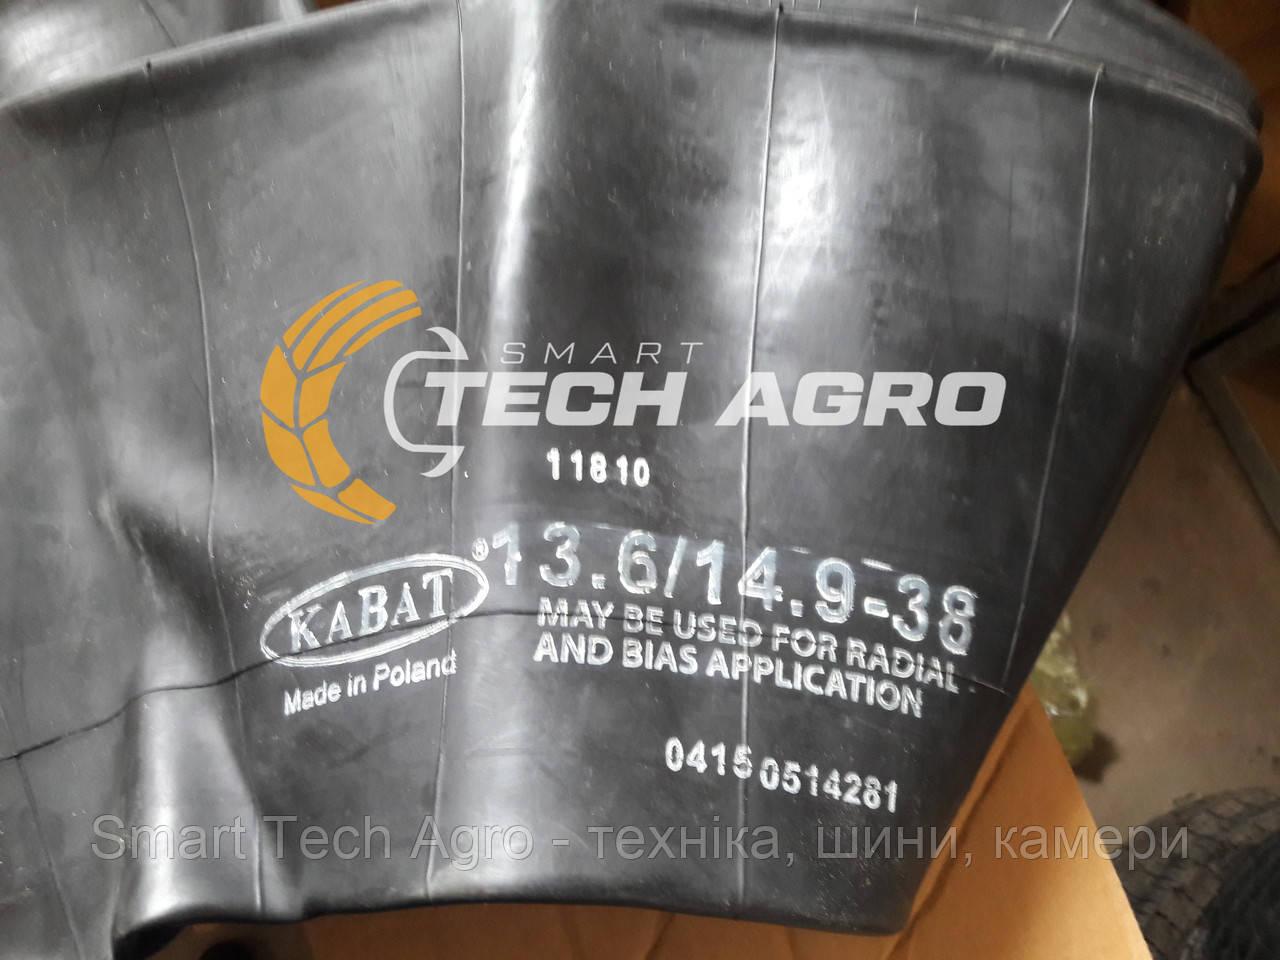 Камера  13.6 38 TR-218A Kabat для трактора Т 40, МТЗ 80, Білорус, камера 38